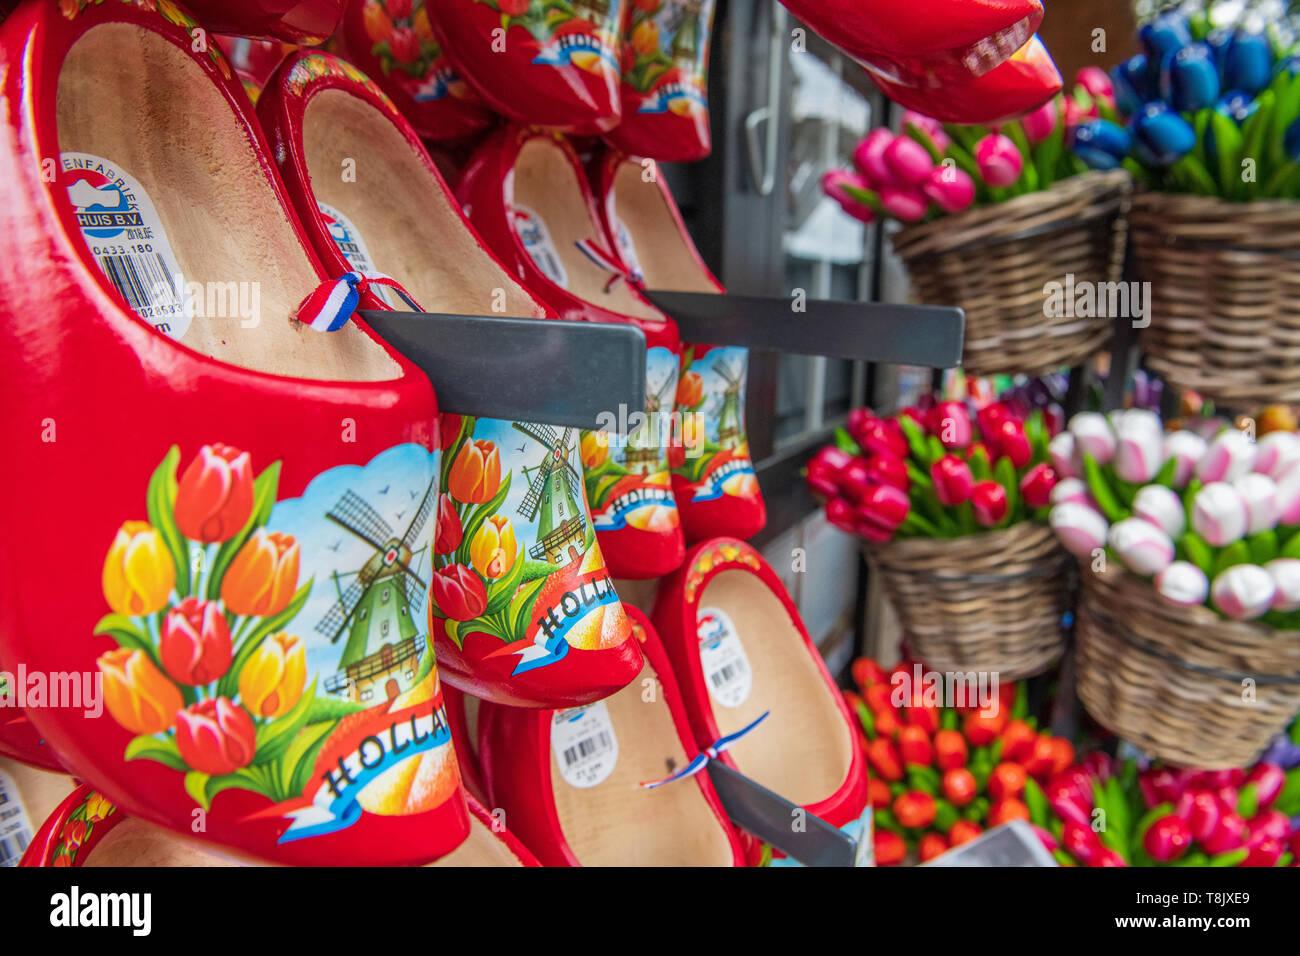 Zoccoli tradizionali e tulipani souvenir olandesi presso i giardini Keukenhof - Olanda souvenirs - Olanda negozio di souvenir - cliché olandese - Olandese stereotipi Immagini Stock